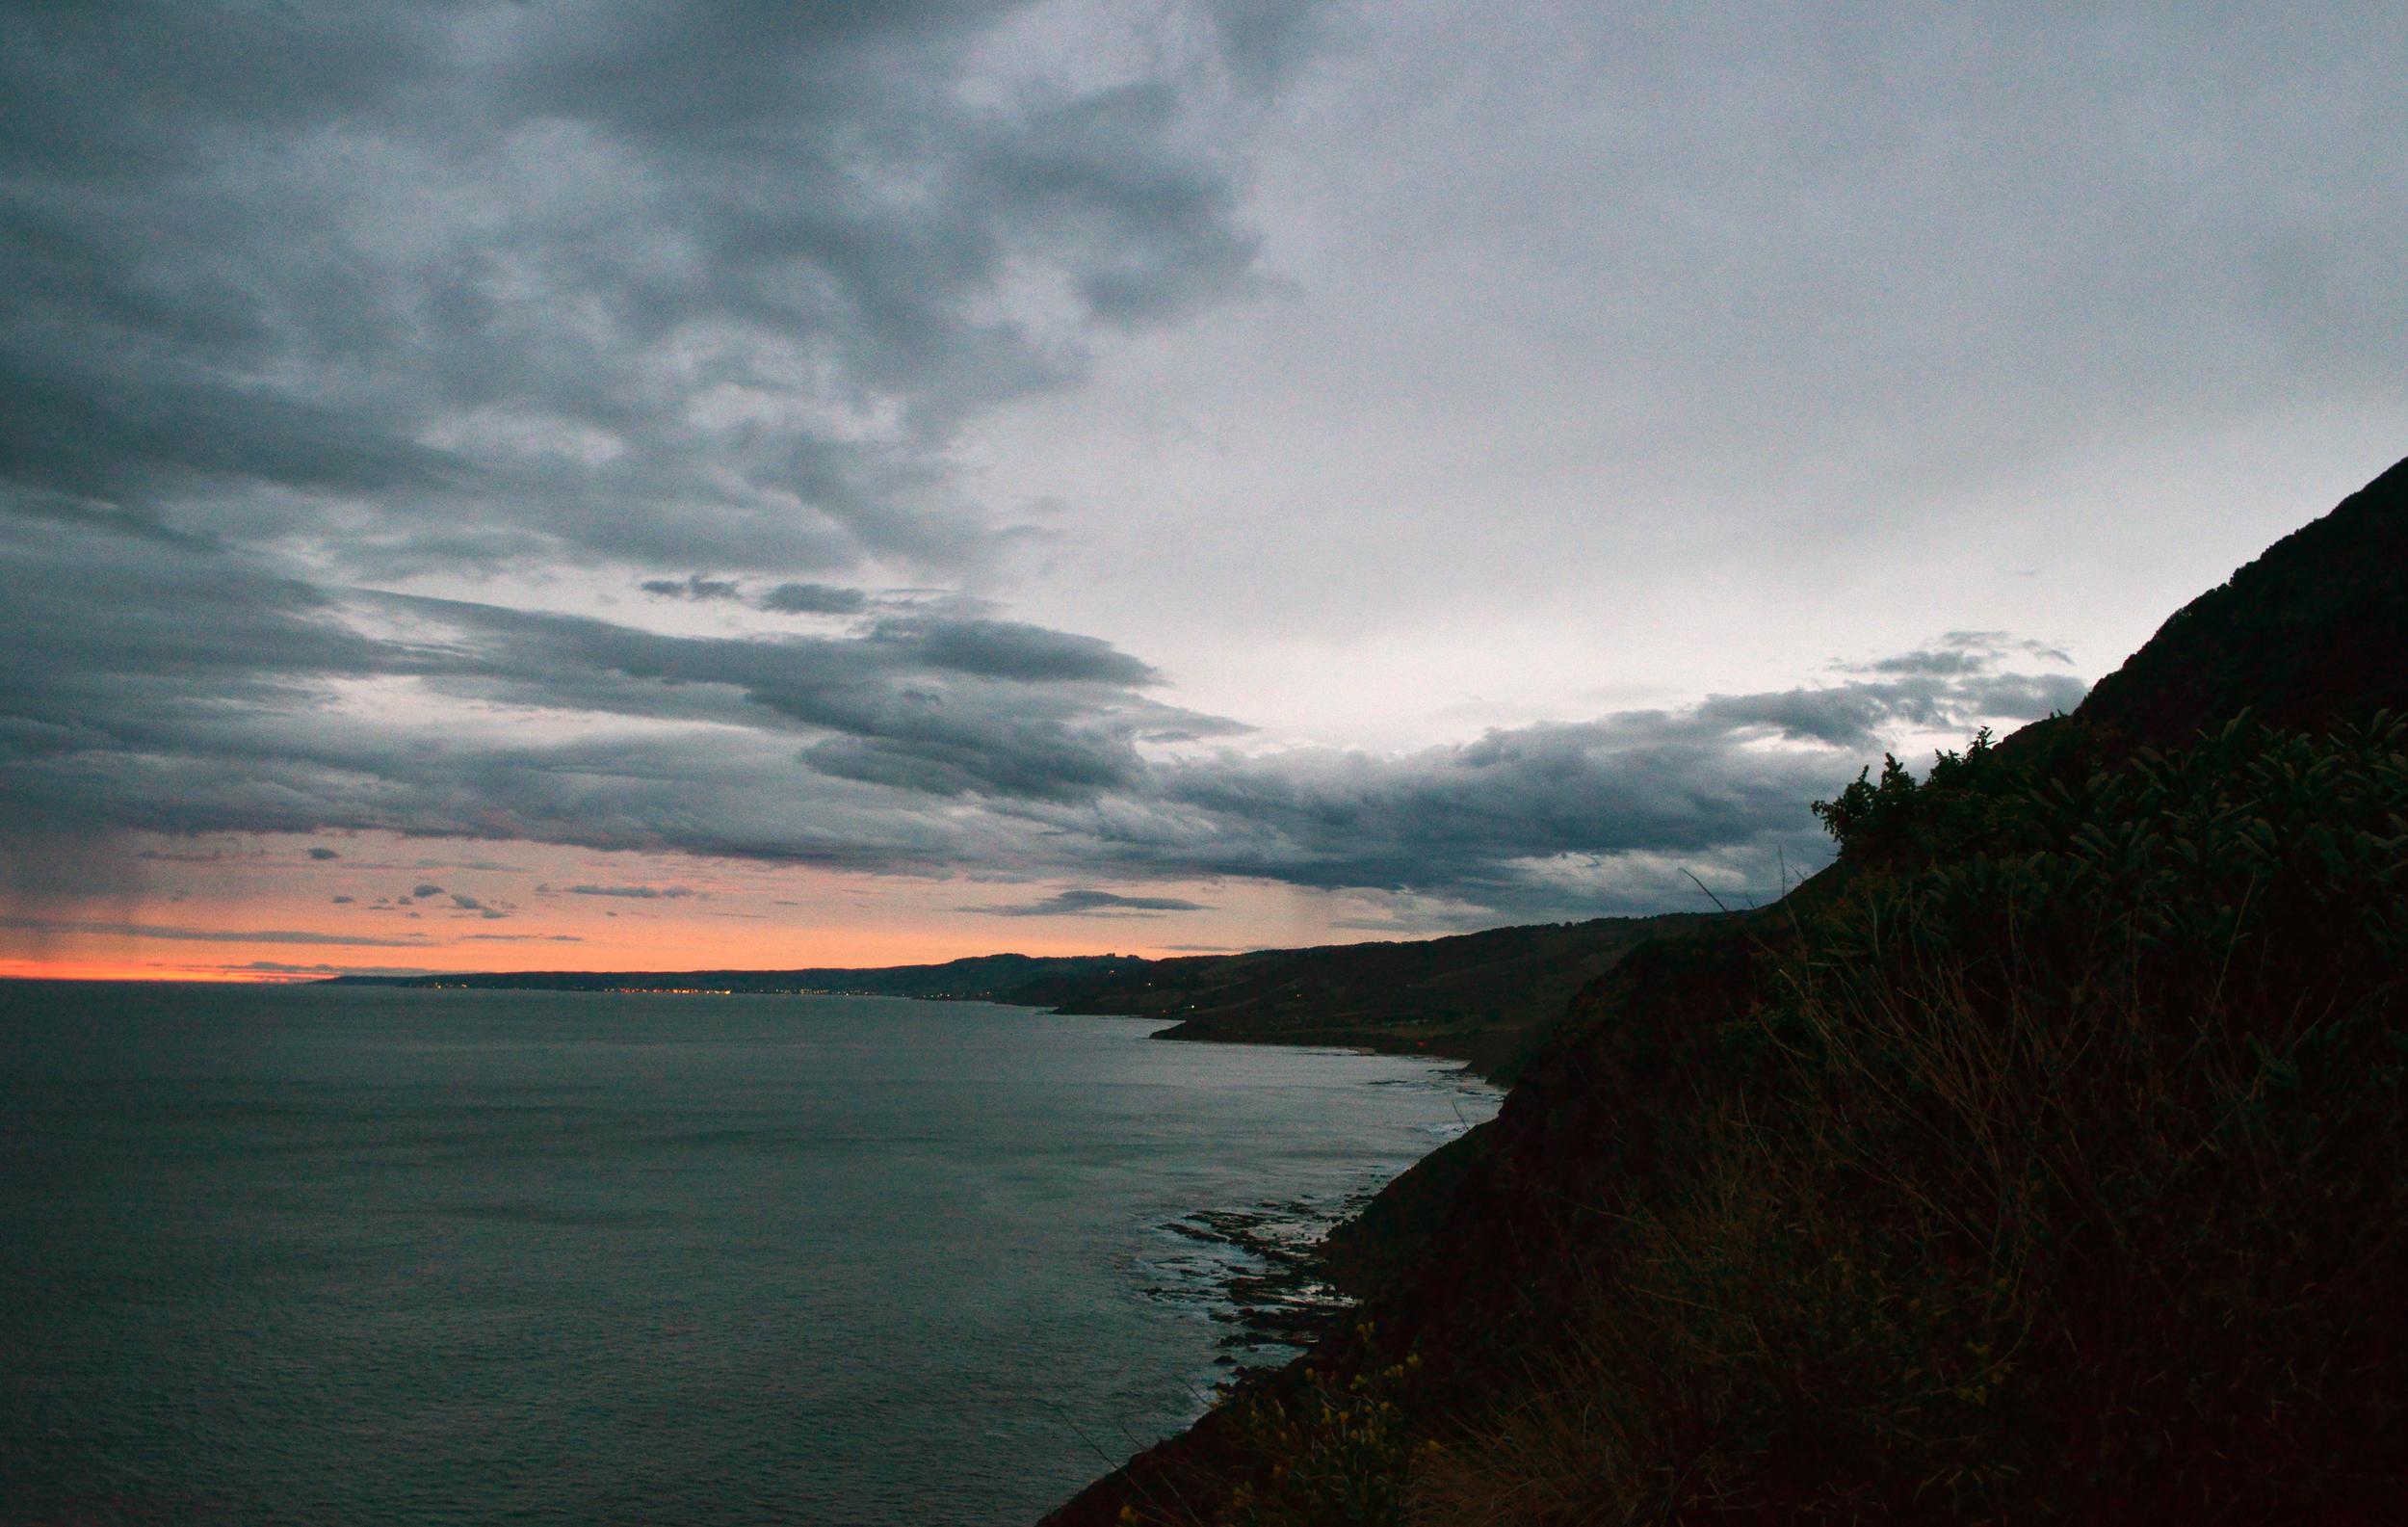 [16] The Great Ocean Road Coastline, Victoria.